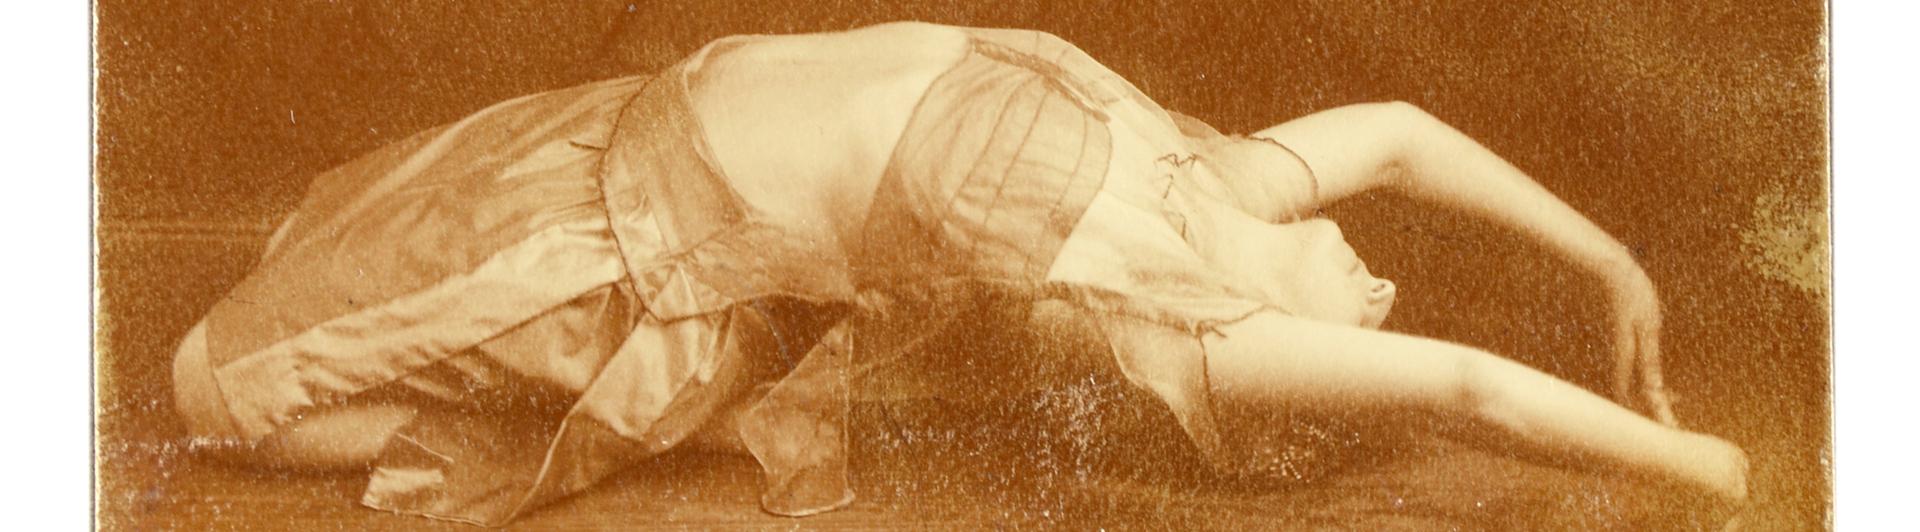 Alte Fotografie einer Frau in liegender Tanzpose